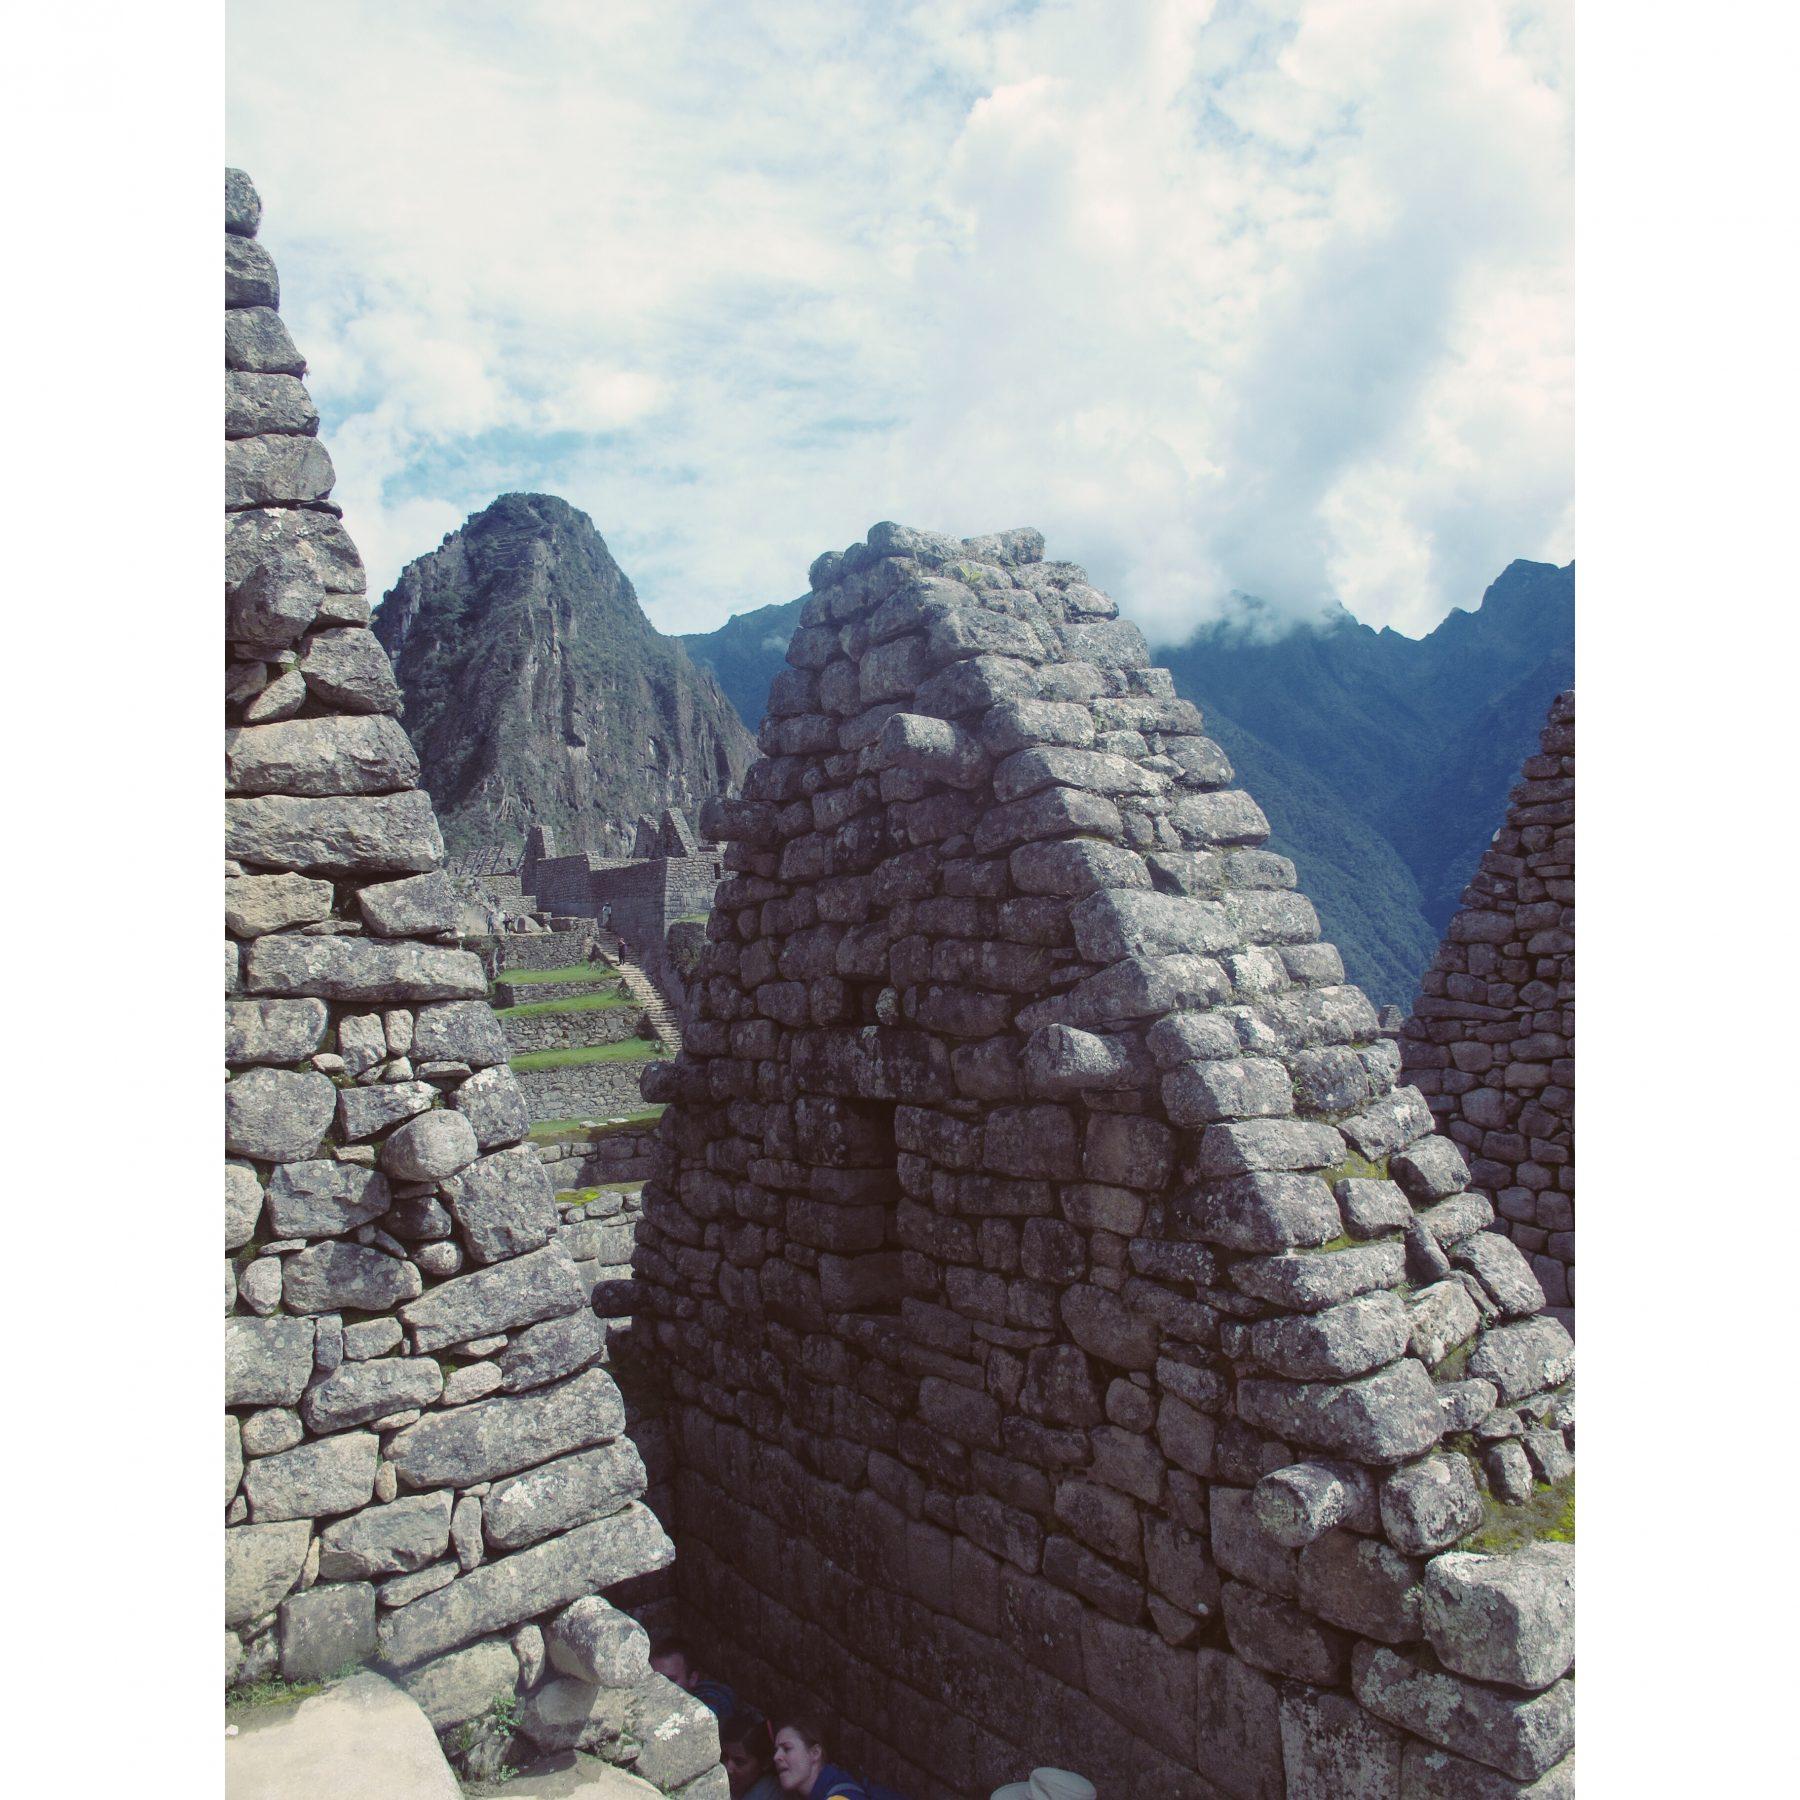 Les ruines de la cité du Machu Picchu